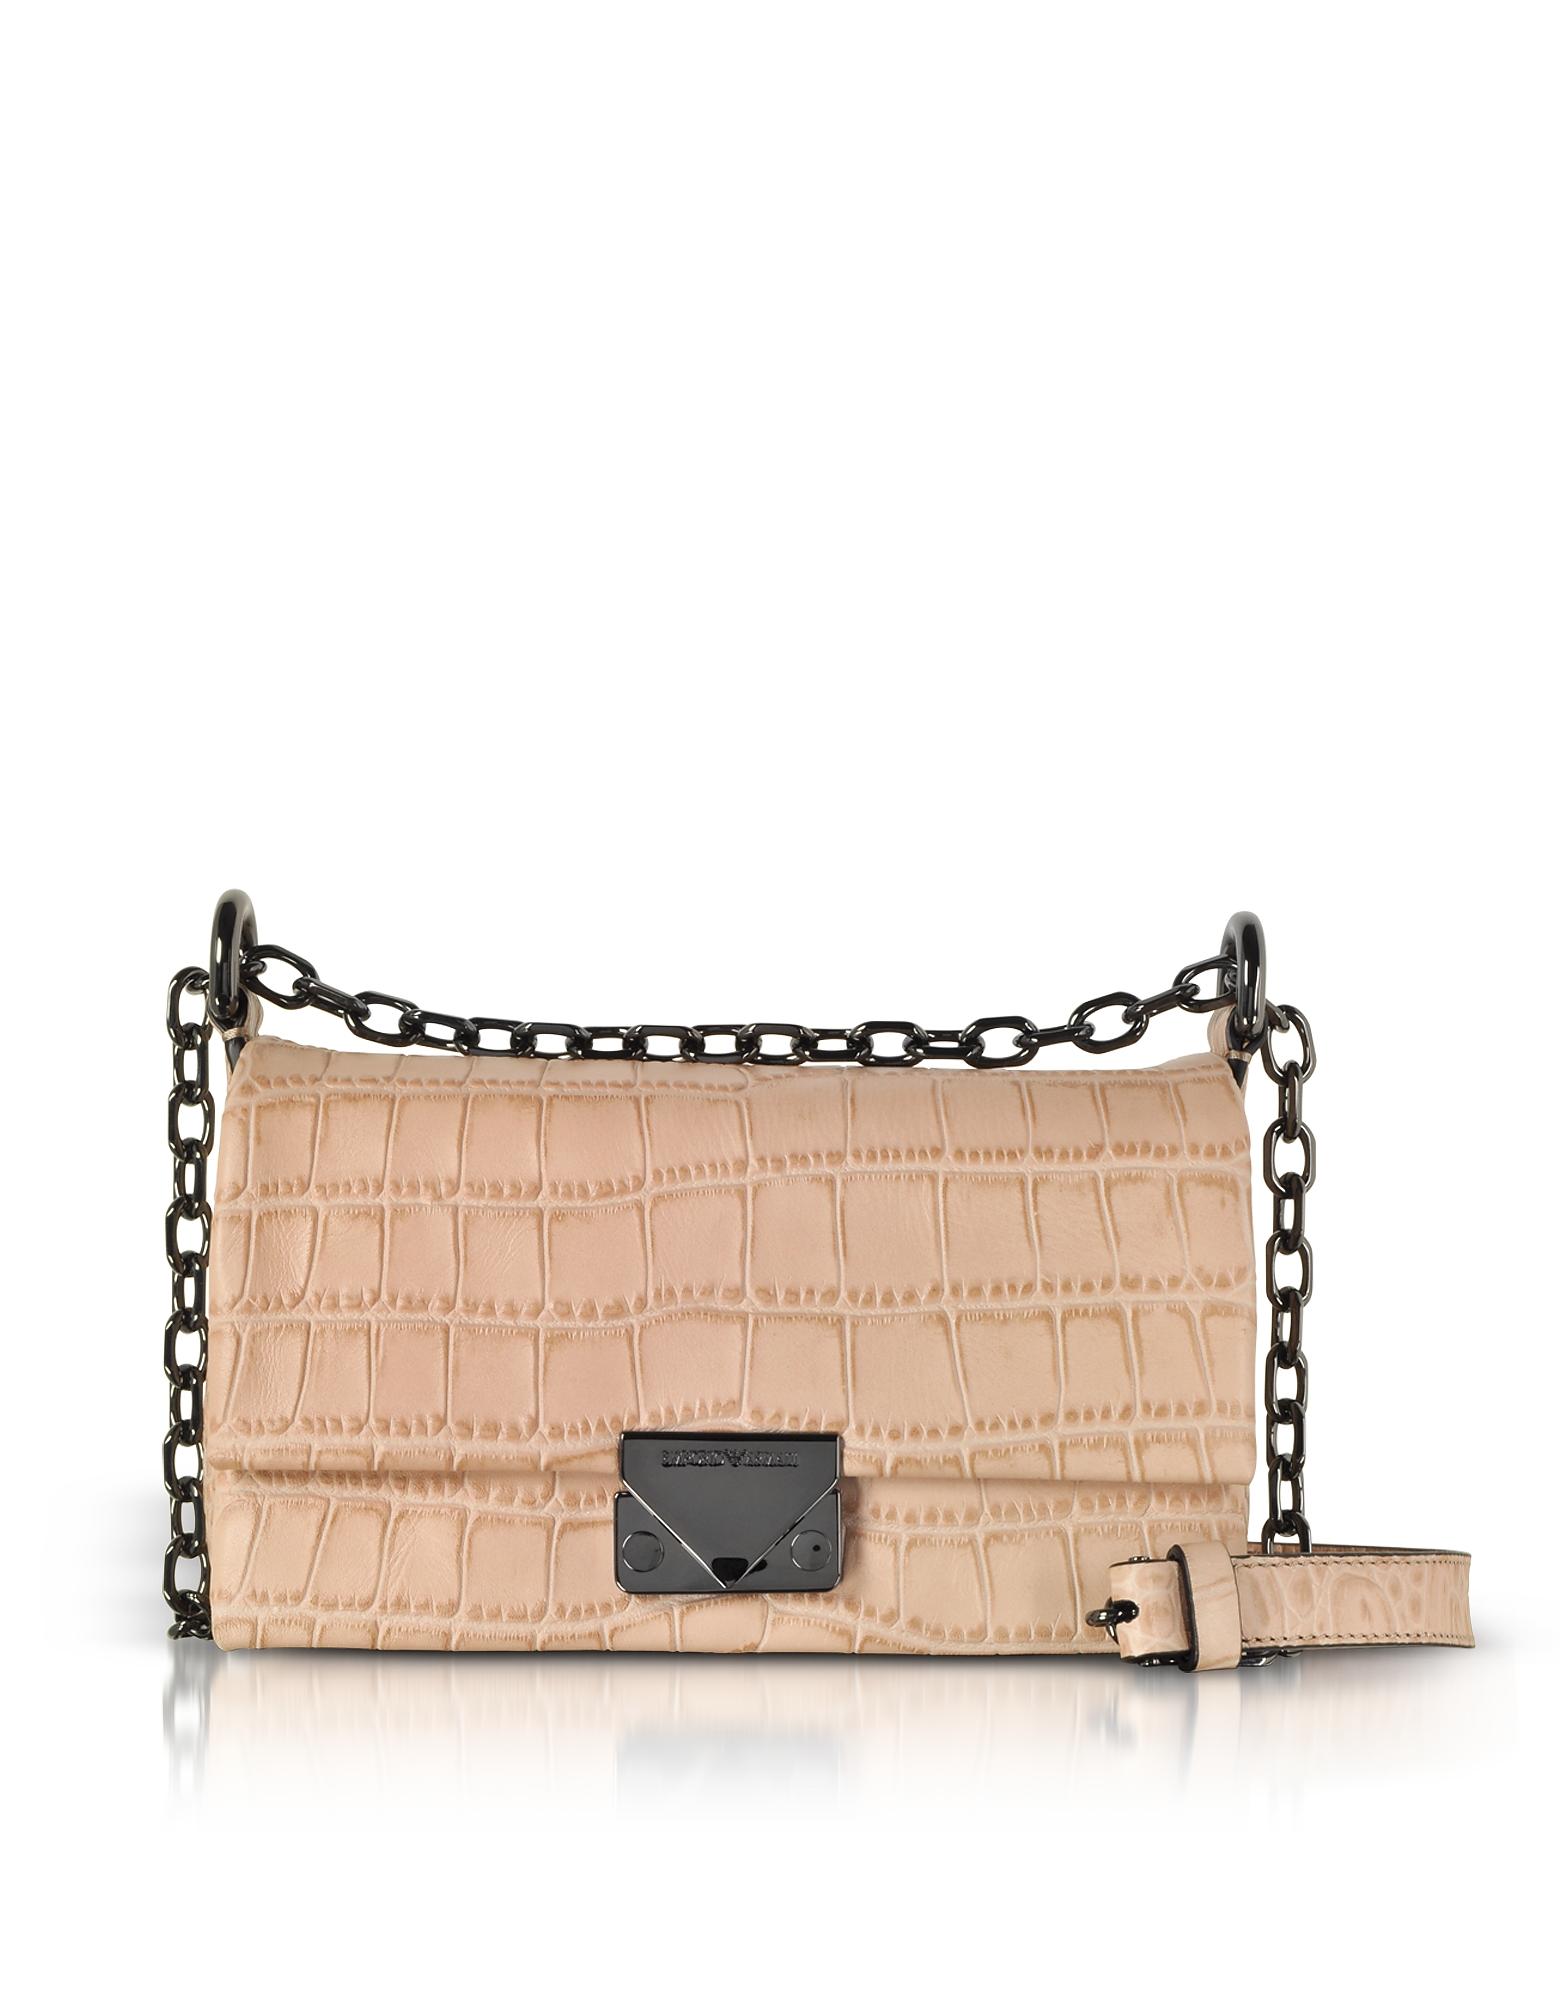 Emporio Armani Handbags, Croco-Embossed Leather Small Shoulder Bag